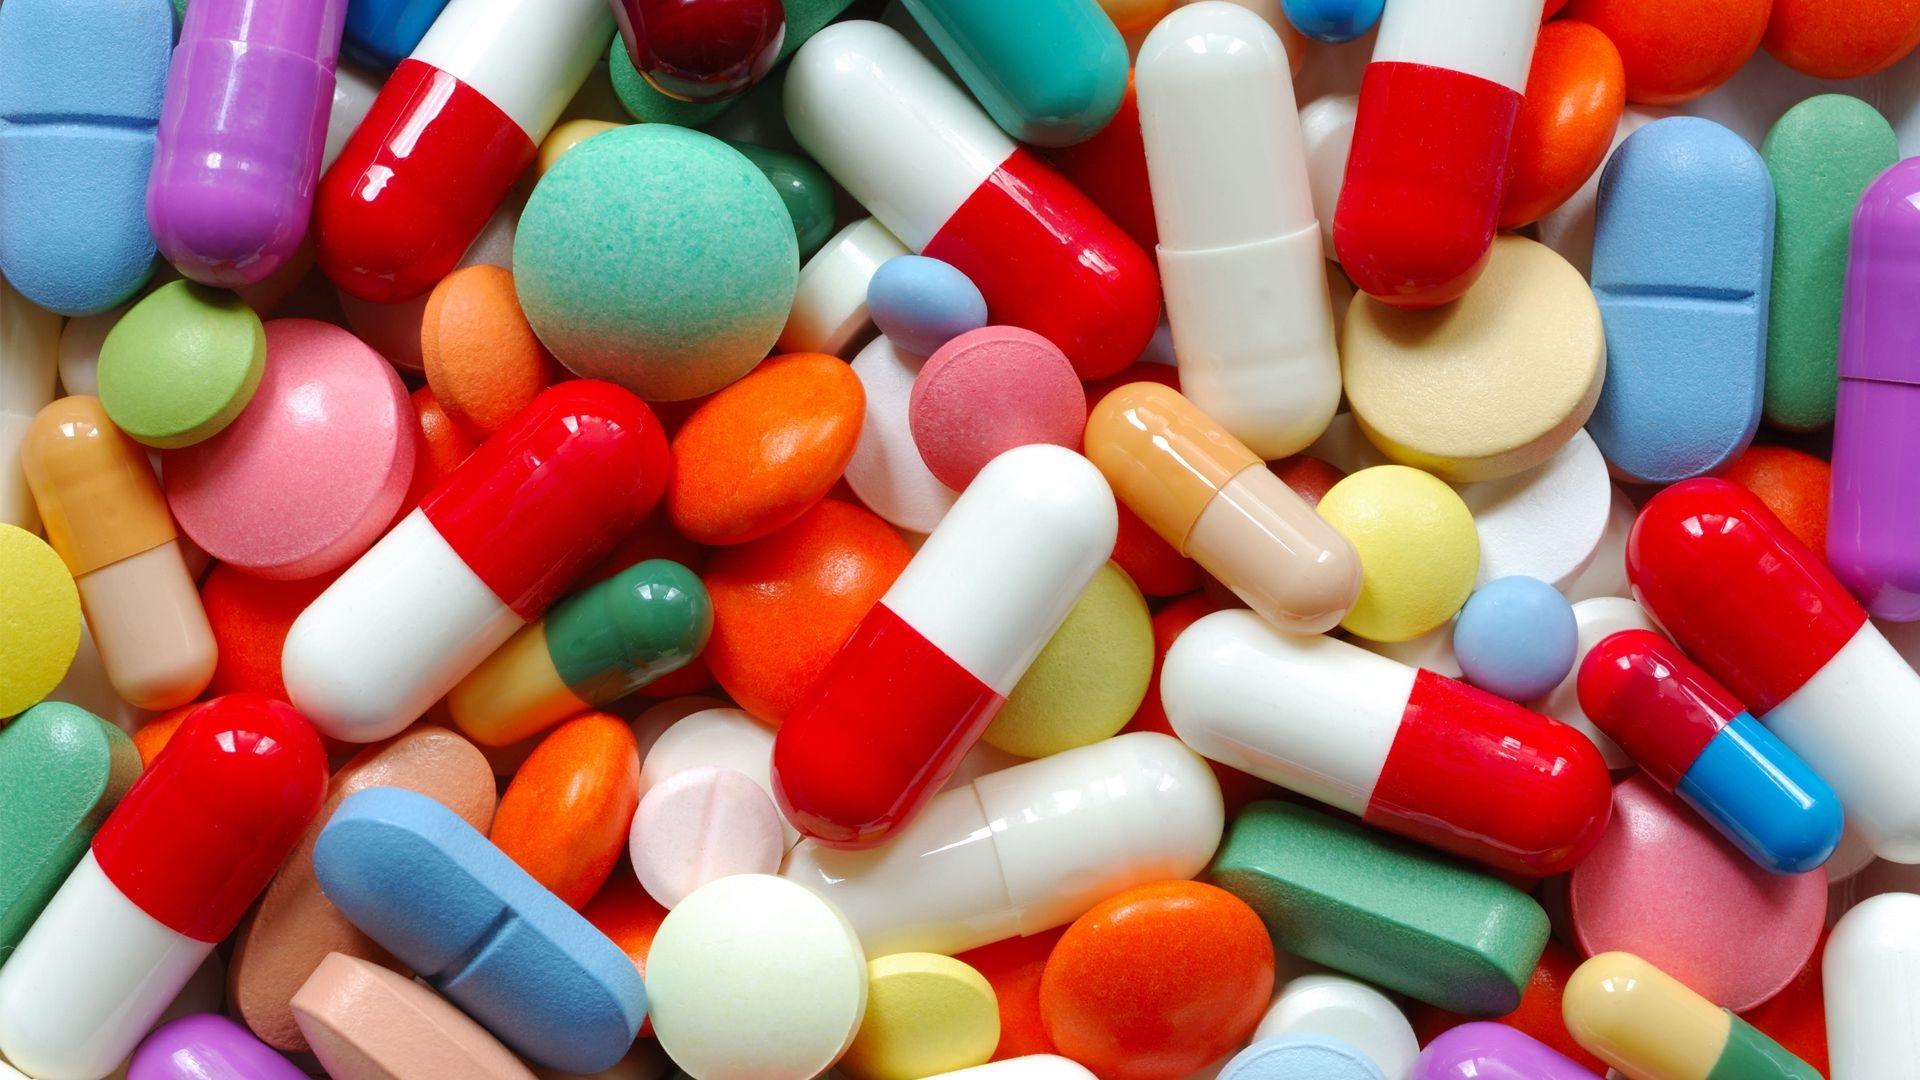 Citación de la Inspección de Farmacia, ¿cómo actuar?